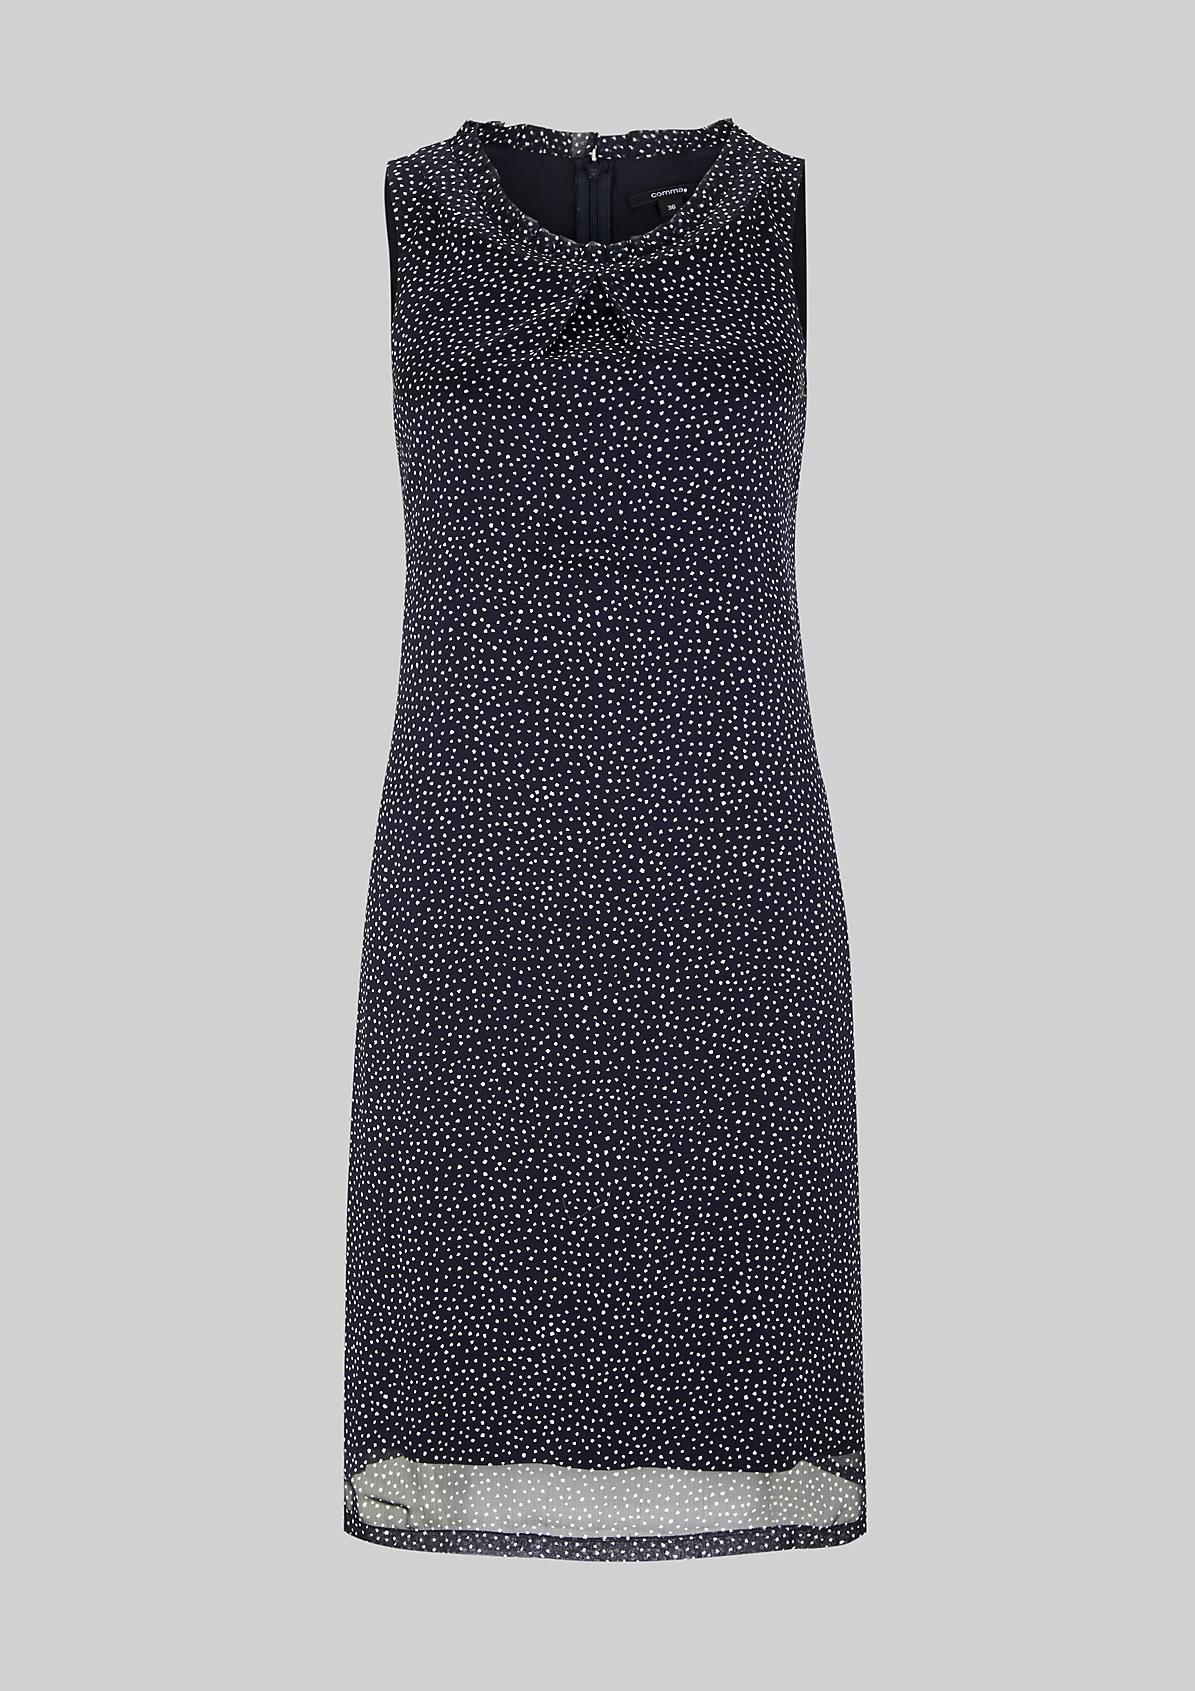 Hauchzartes Chiffonkleid mit glamourösem Details